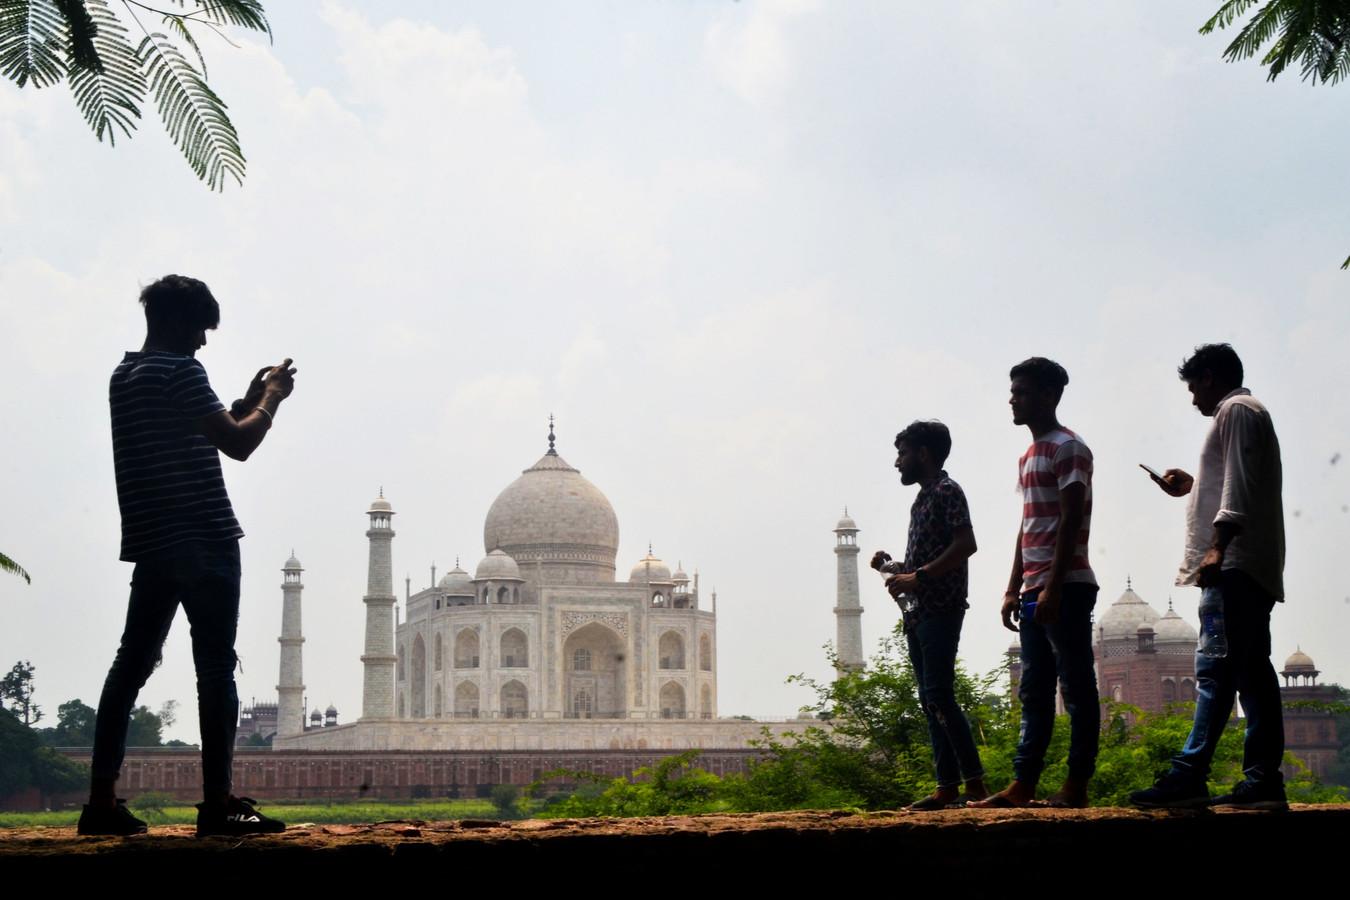 Mensen nemen foto's van de Taj Mahal in Agra.